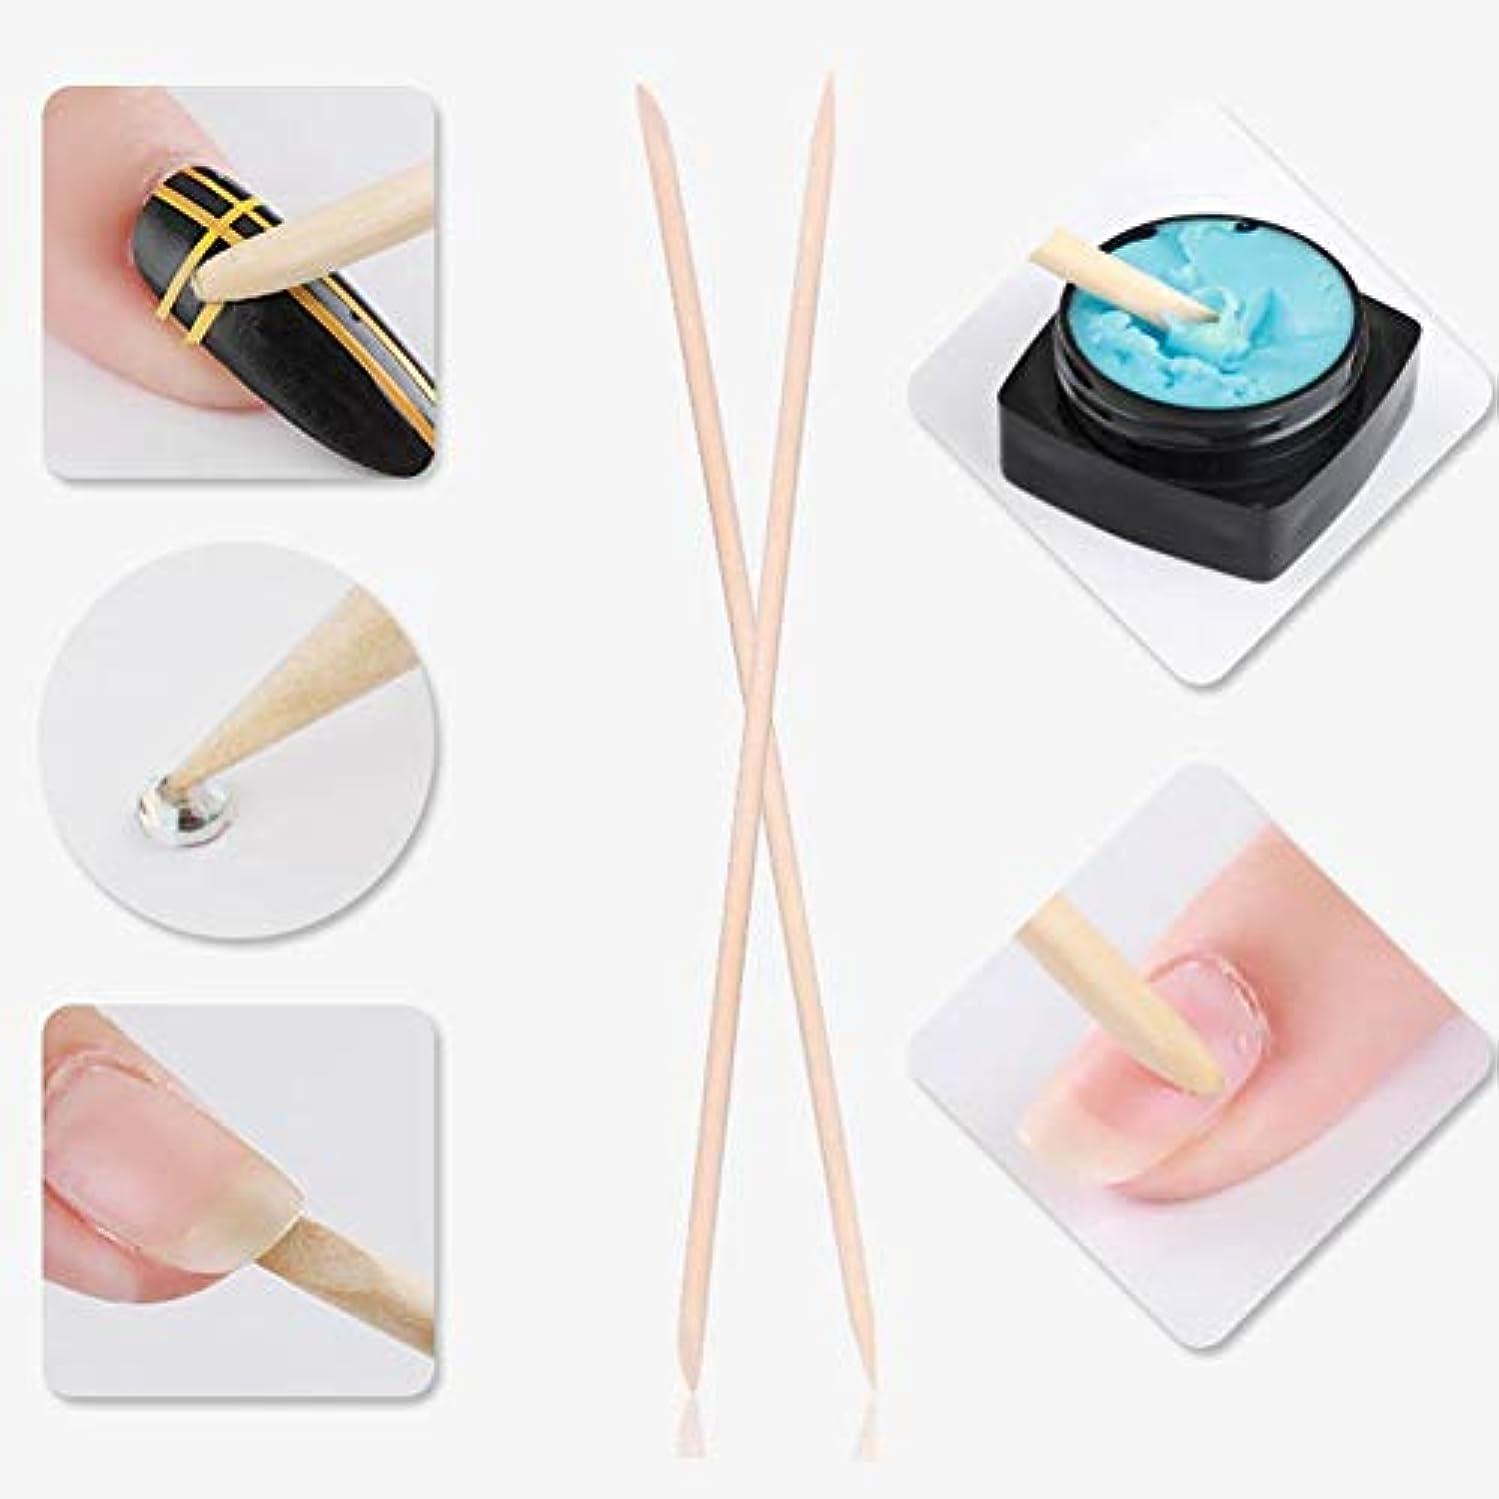 予算守る消費するマニキュアペディキュア ネイルアートペイントパターン用 5本 ネイルキューティクルは木製スティック、ネイルキューティクルプッシャーを取り外します(1)